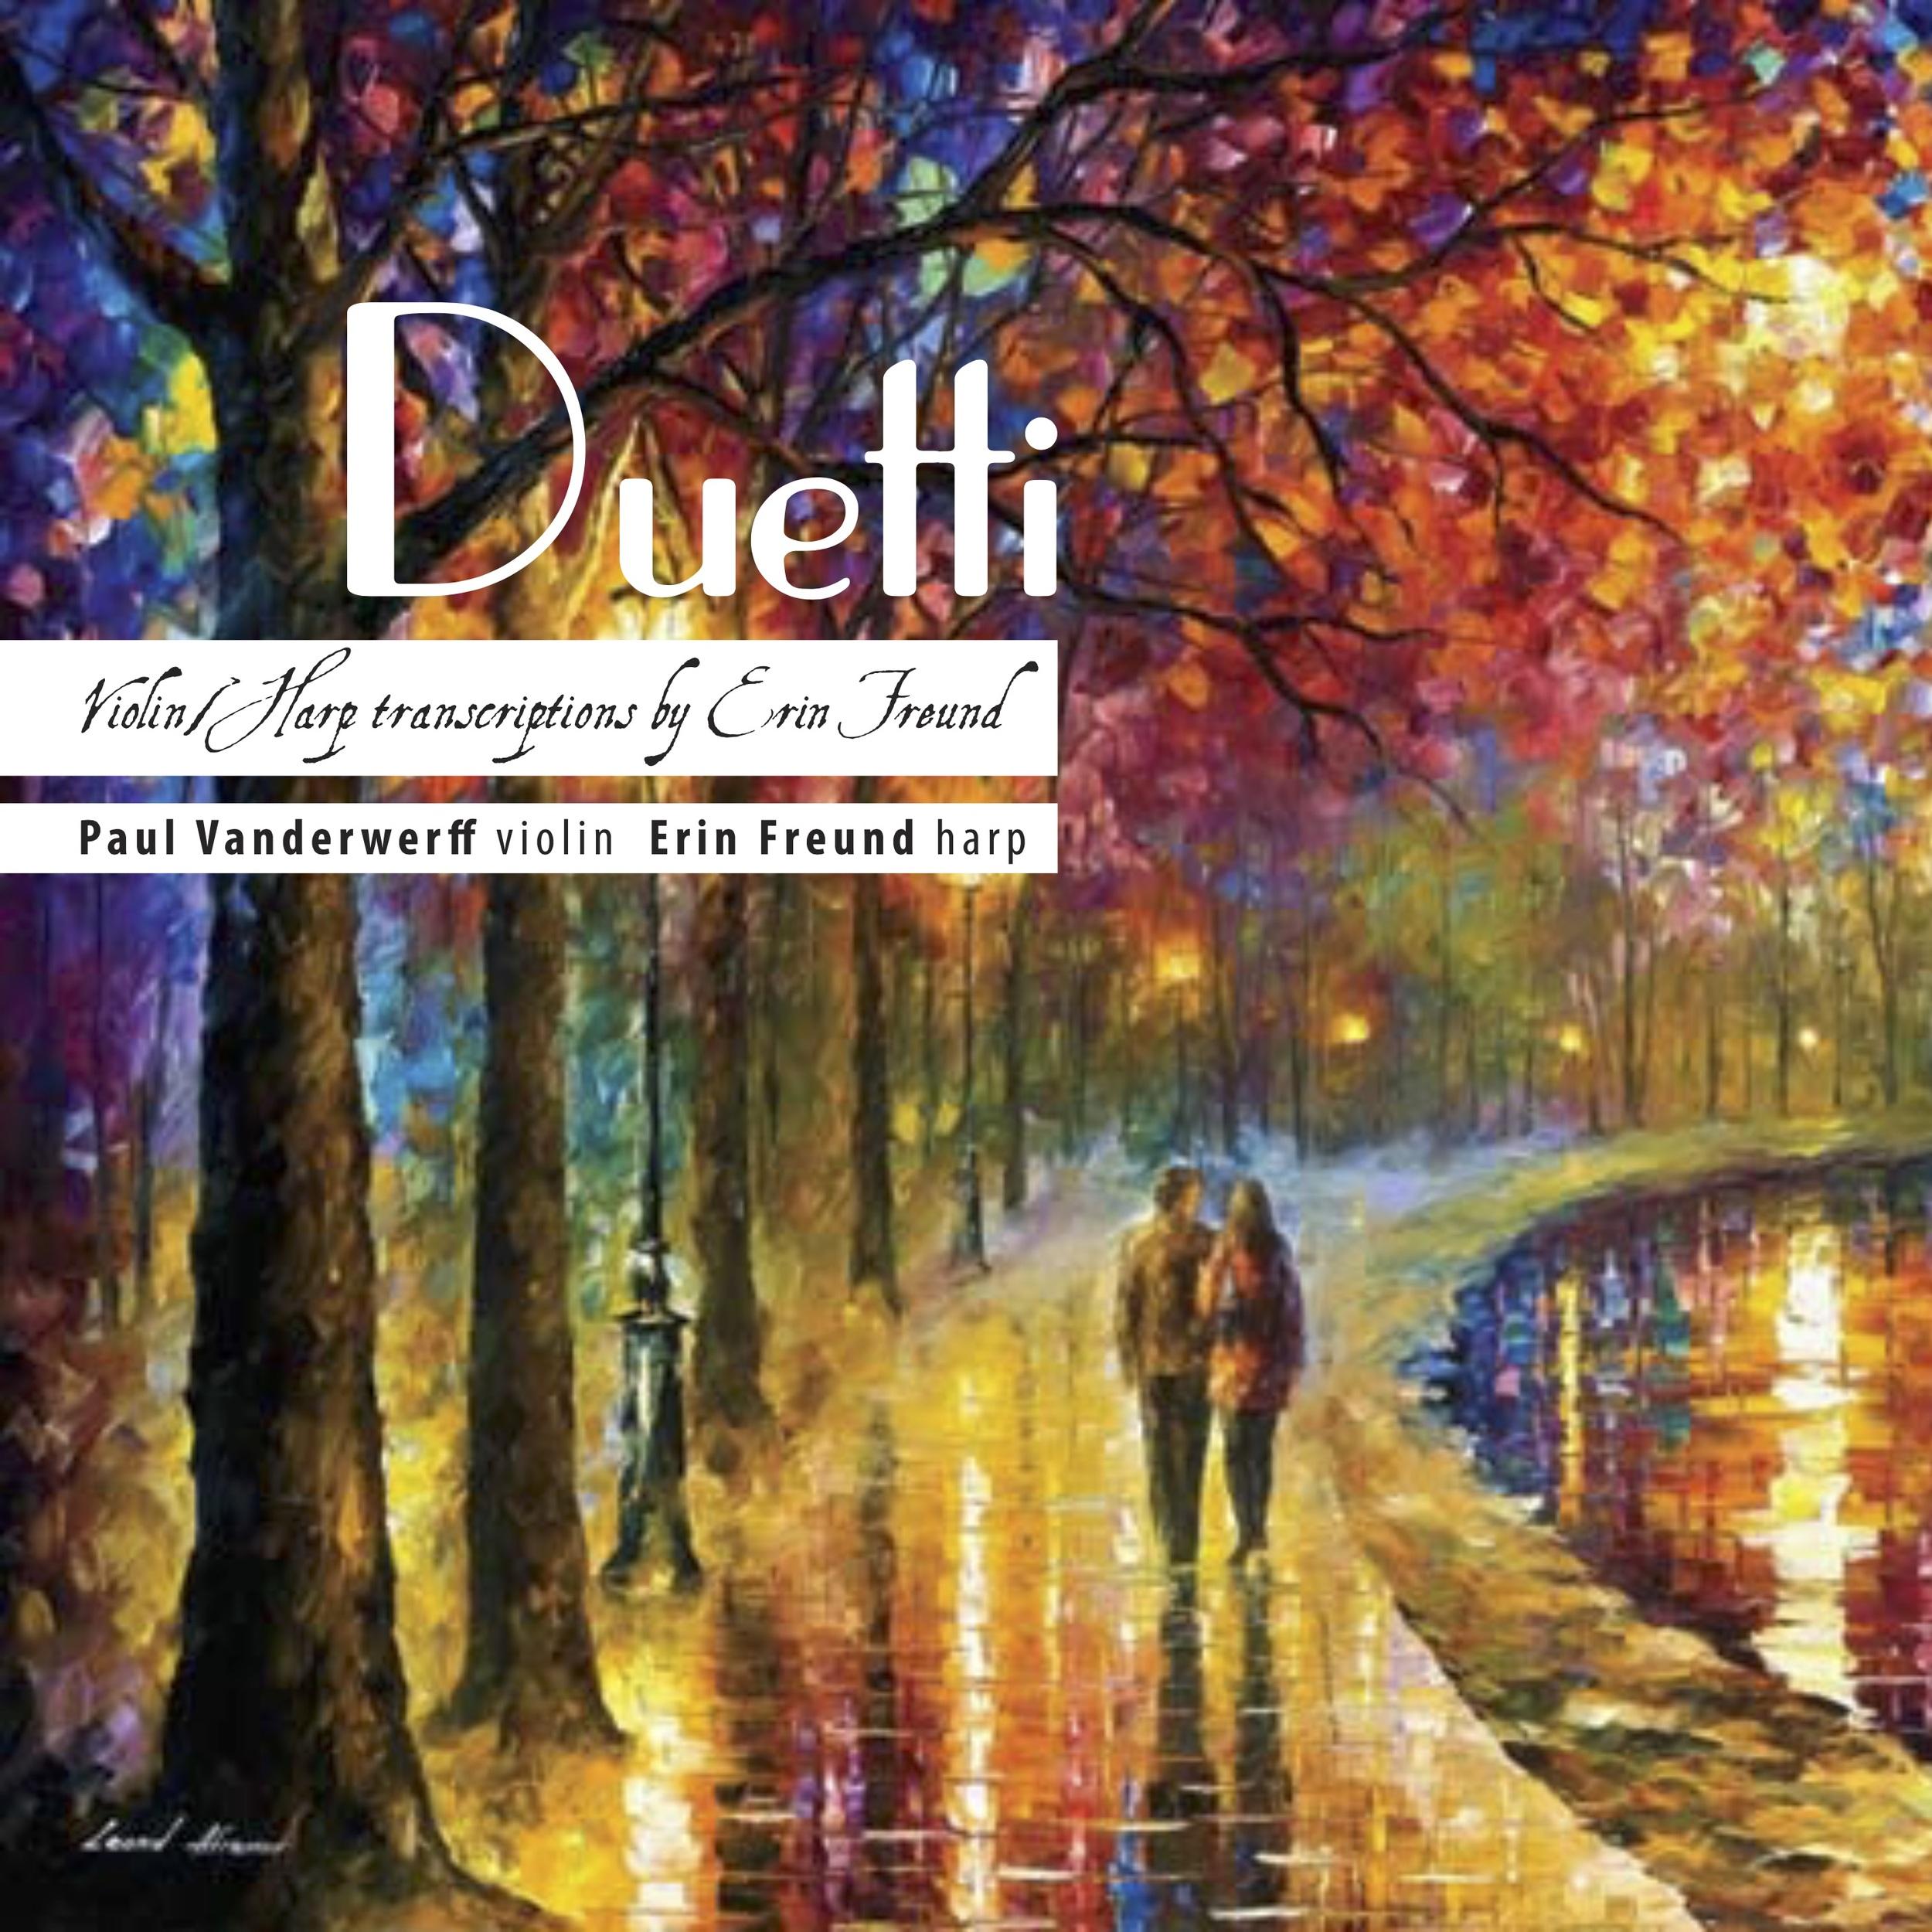 Duetti1.jpg